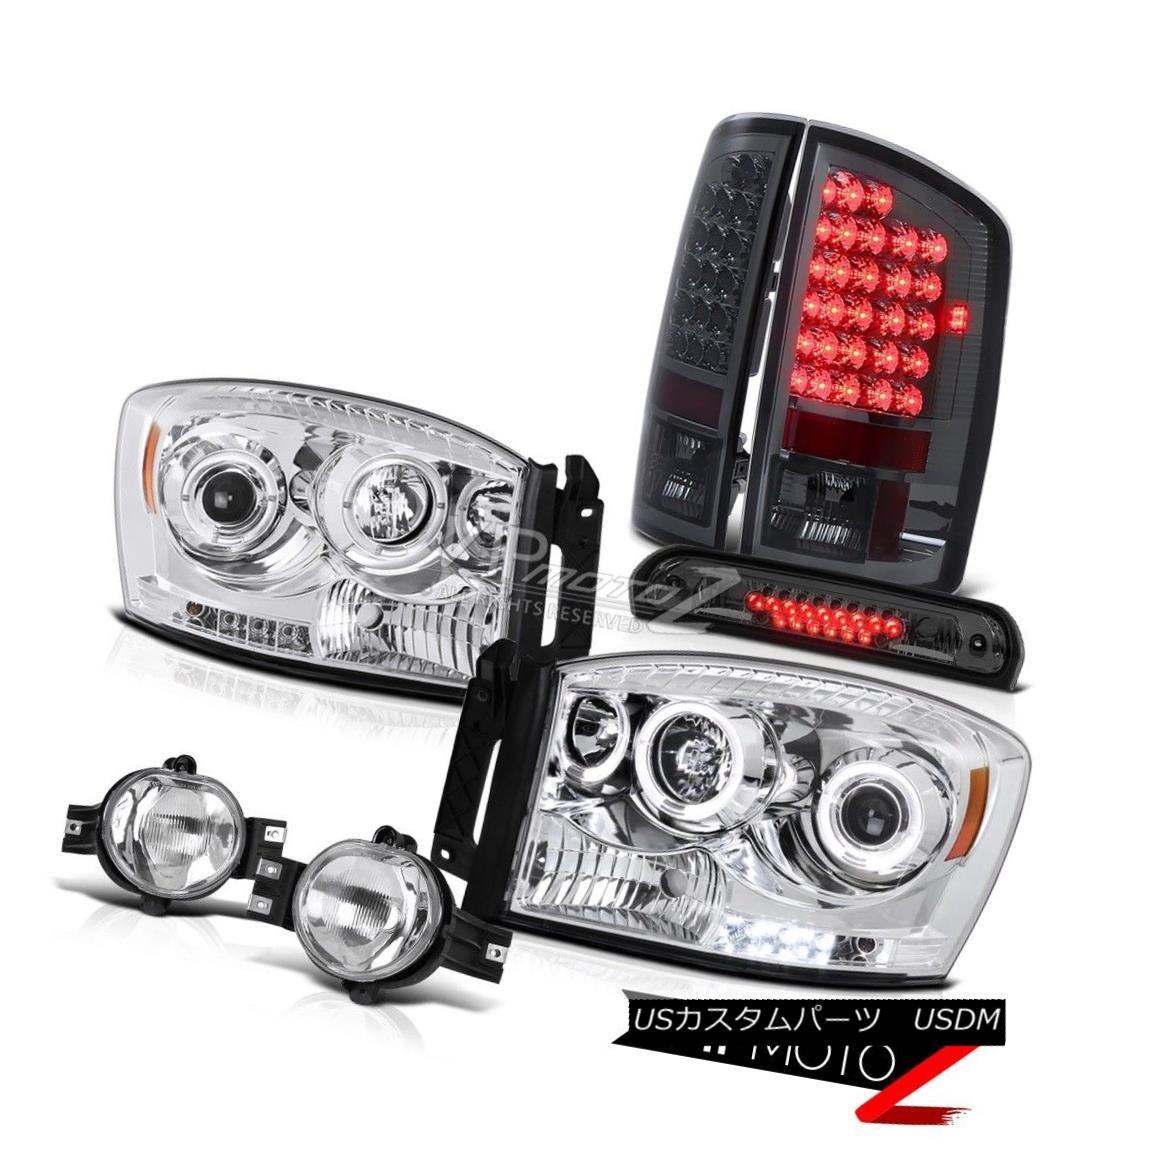 ヘッドライト 07 08 Dodge Ram 2500 Chrome Headlamps Smoked LED Tail Lamps Fog Stop Tinted 3rd 07 08ダッジラム2500クロームヘッドランプスモークLEDテールランプフォグストップトーンストーン3